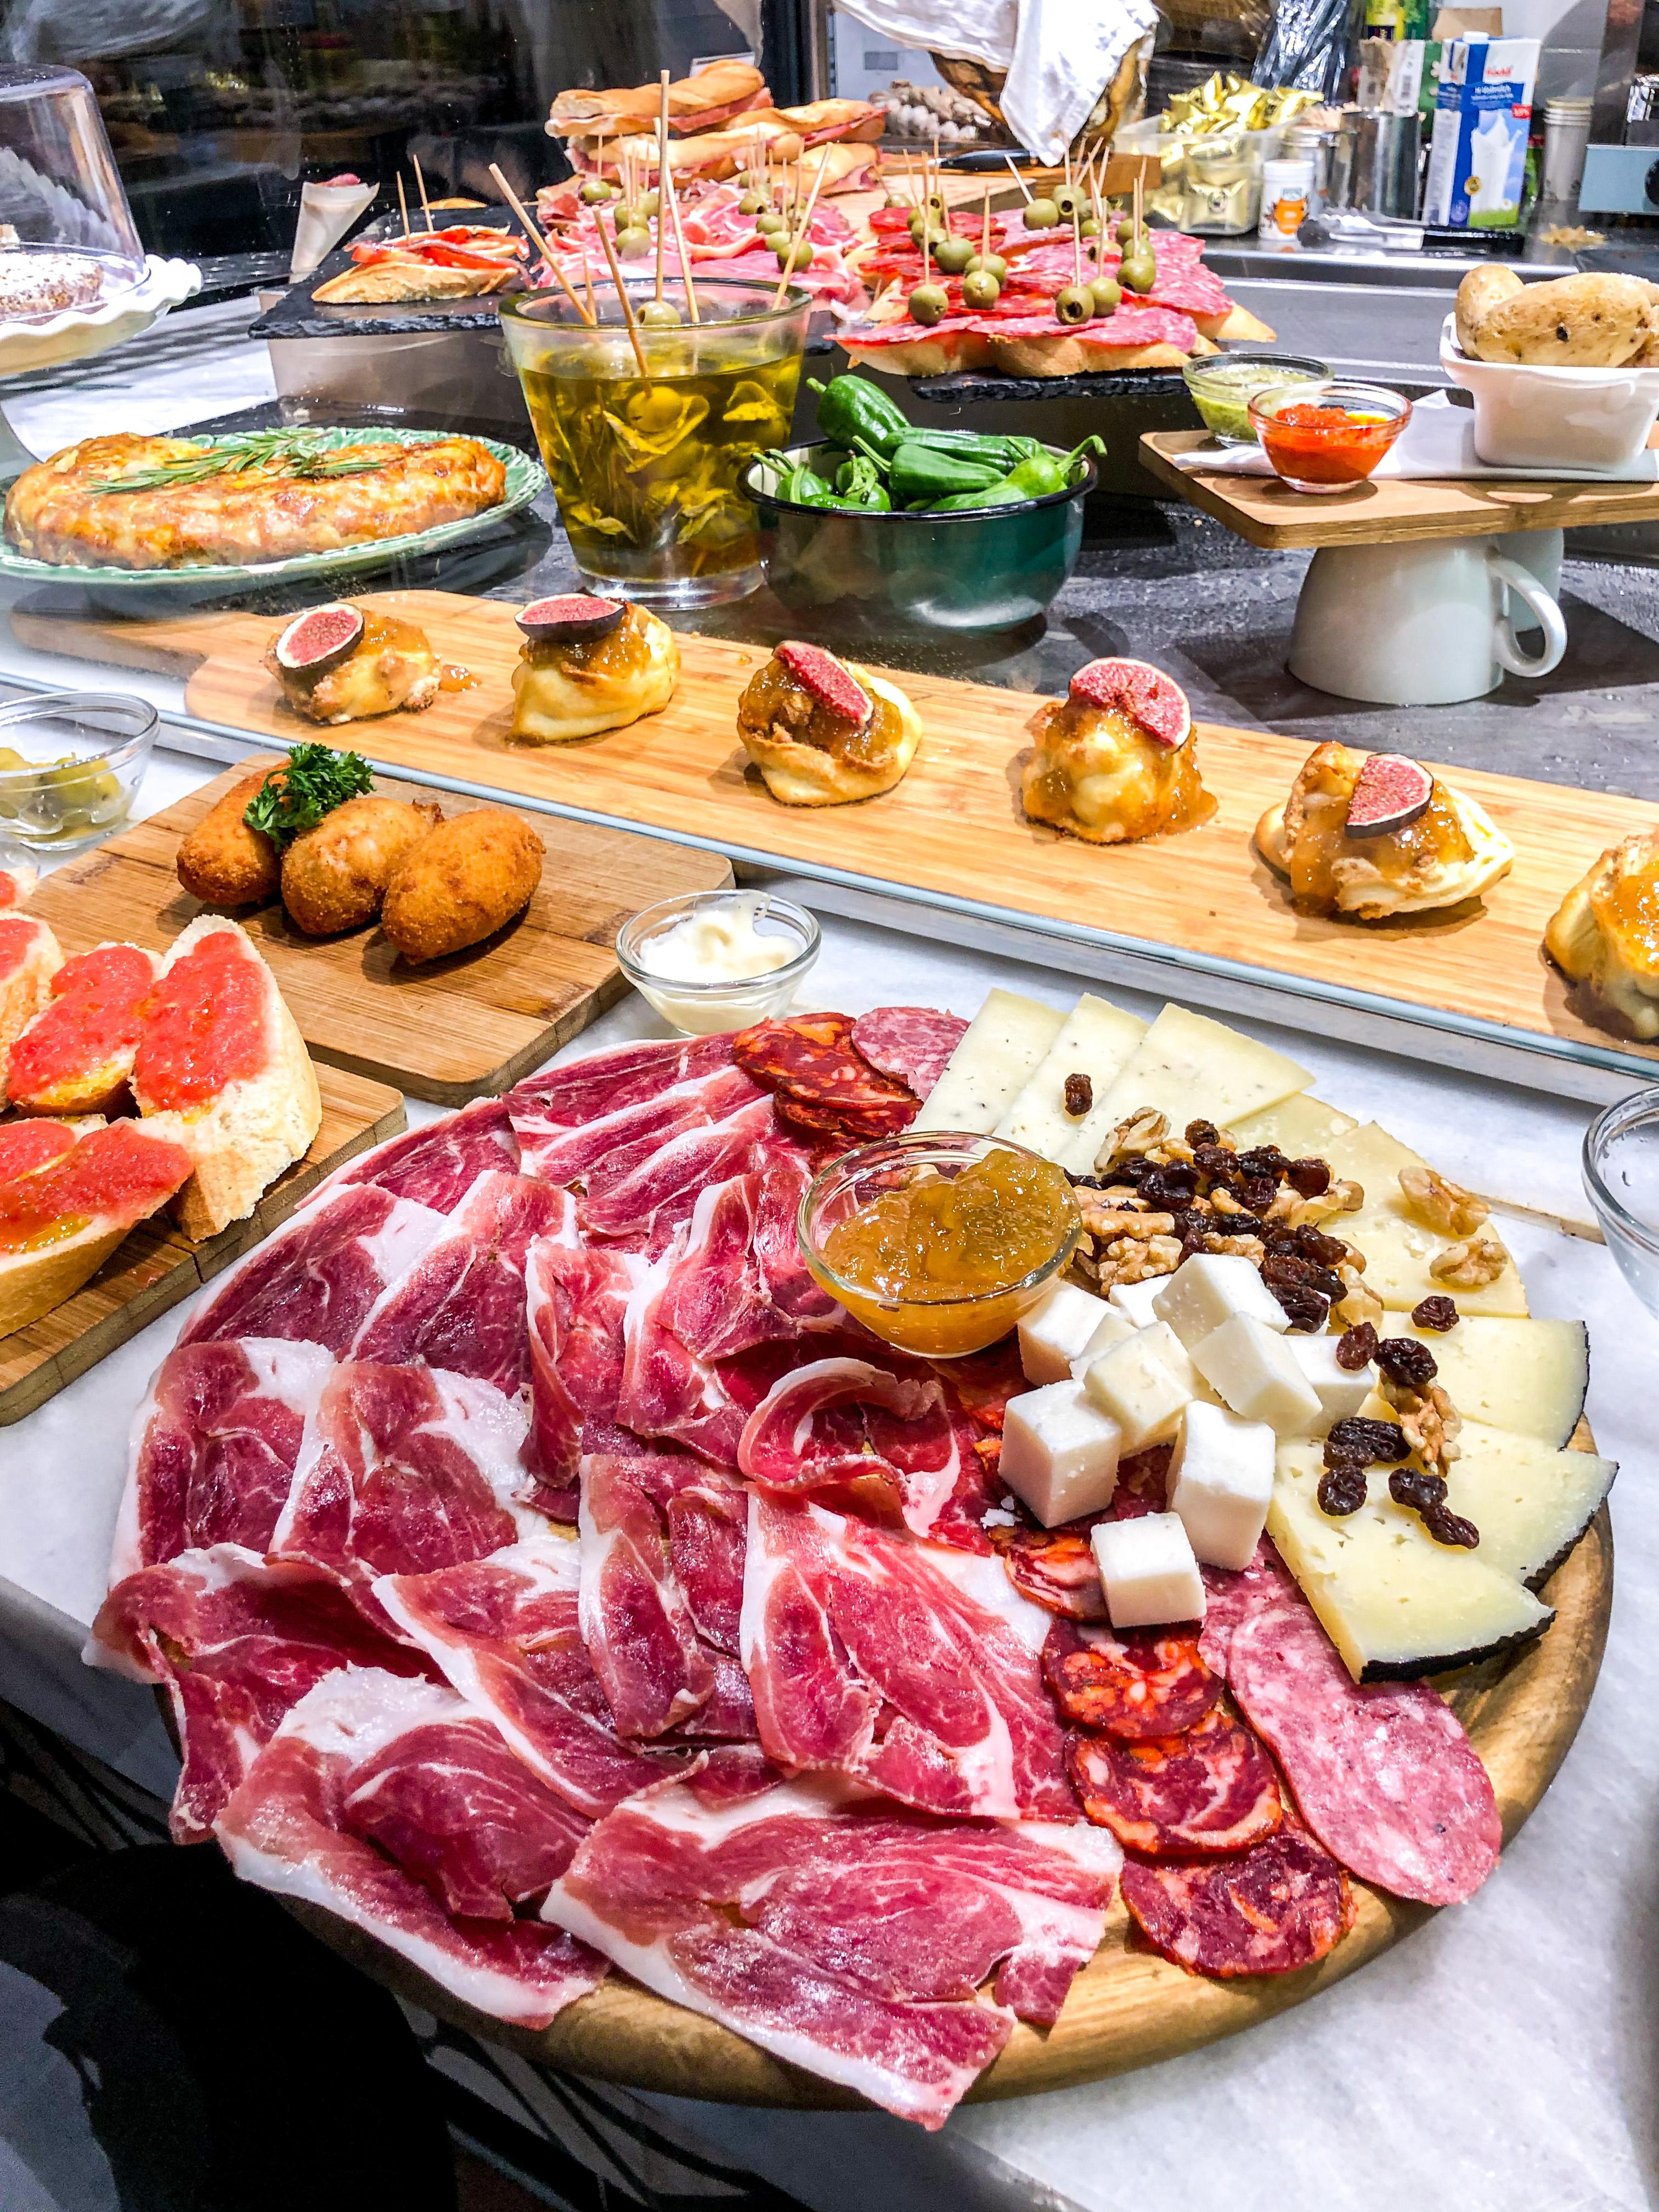 Co zjeść w Berlinie? – Subiektywny przewodnik po restauracjach okiem berlińczyka